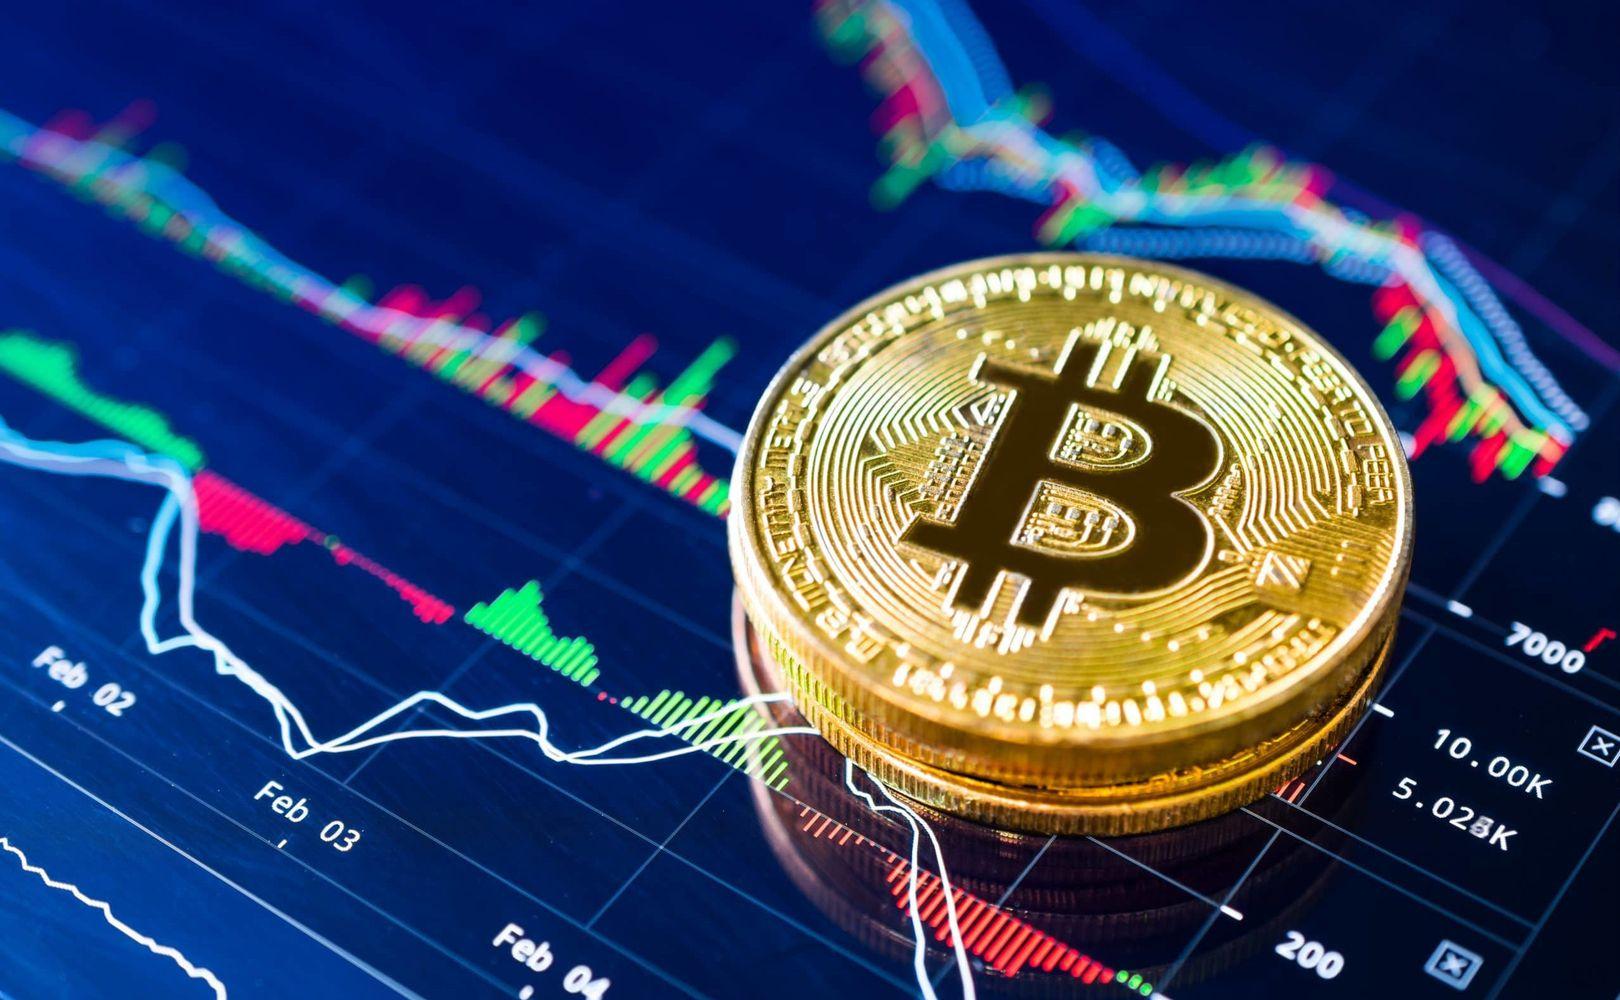 Cosa significa che il bitcoin è moneta legale in El Salvador